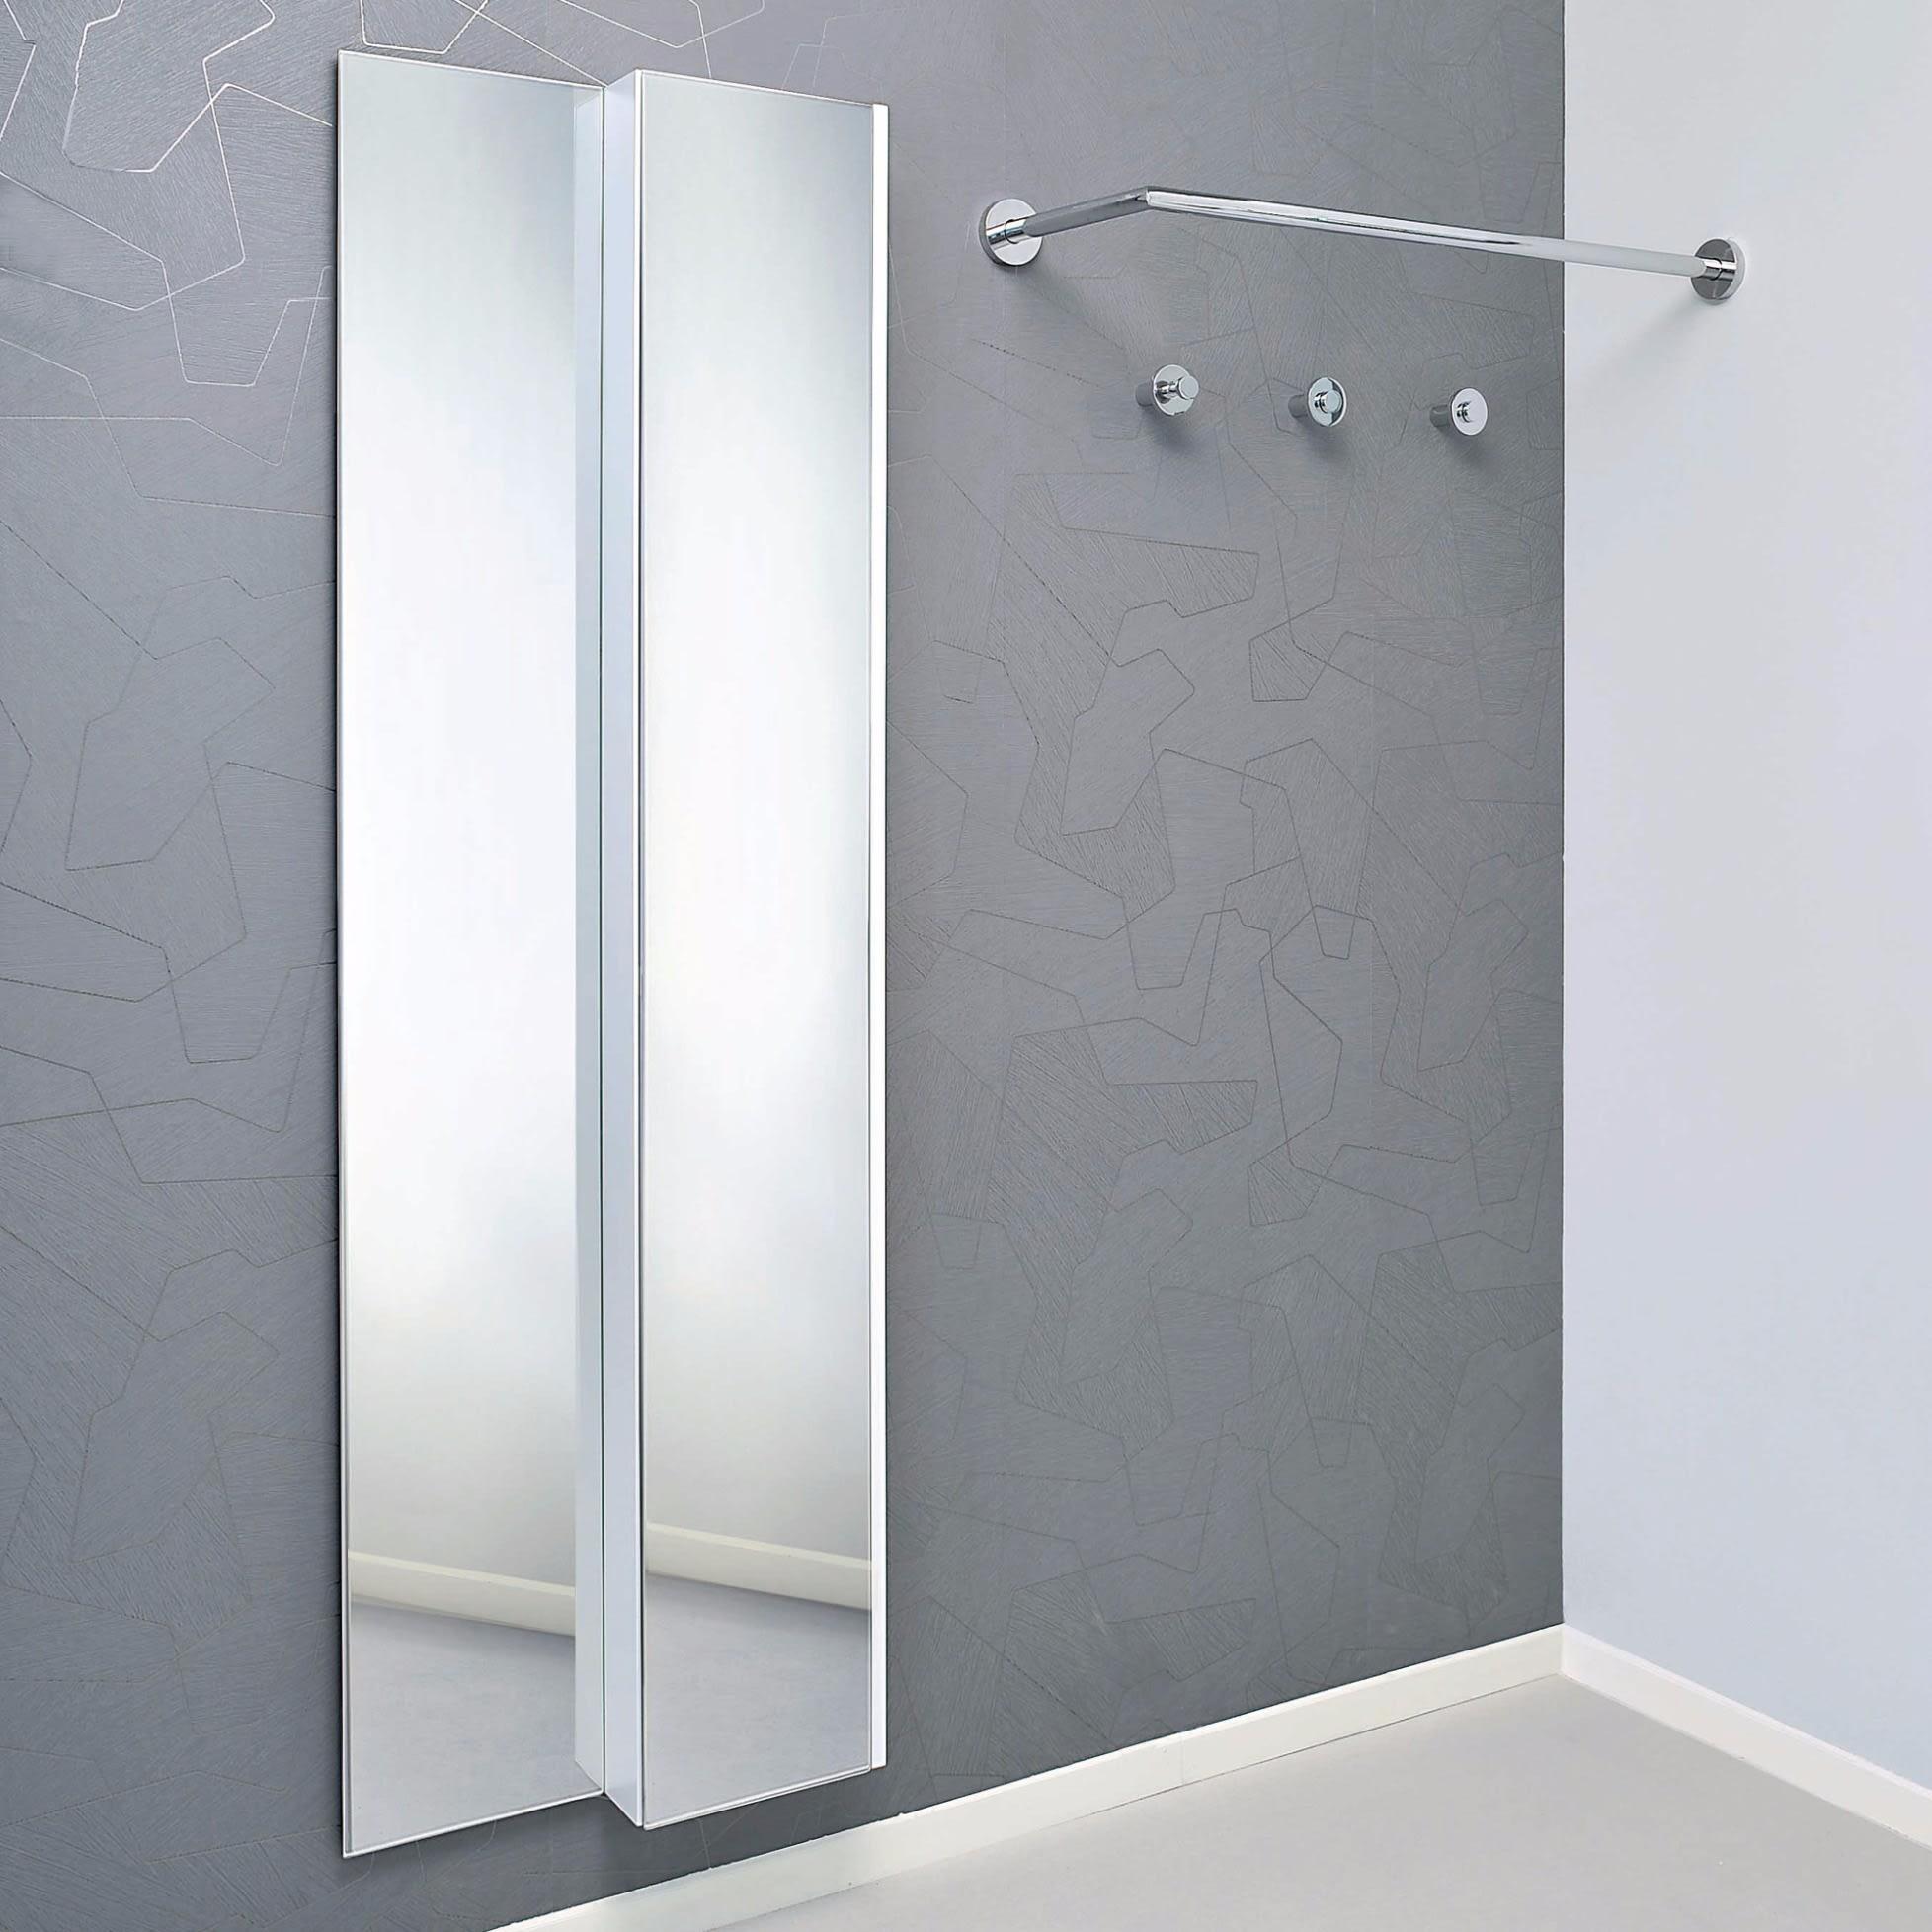 Spiegelschrank monokid 2 von d tec - Spiegelschrank flur ...